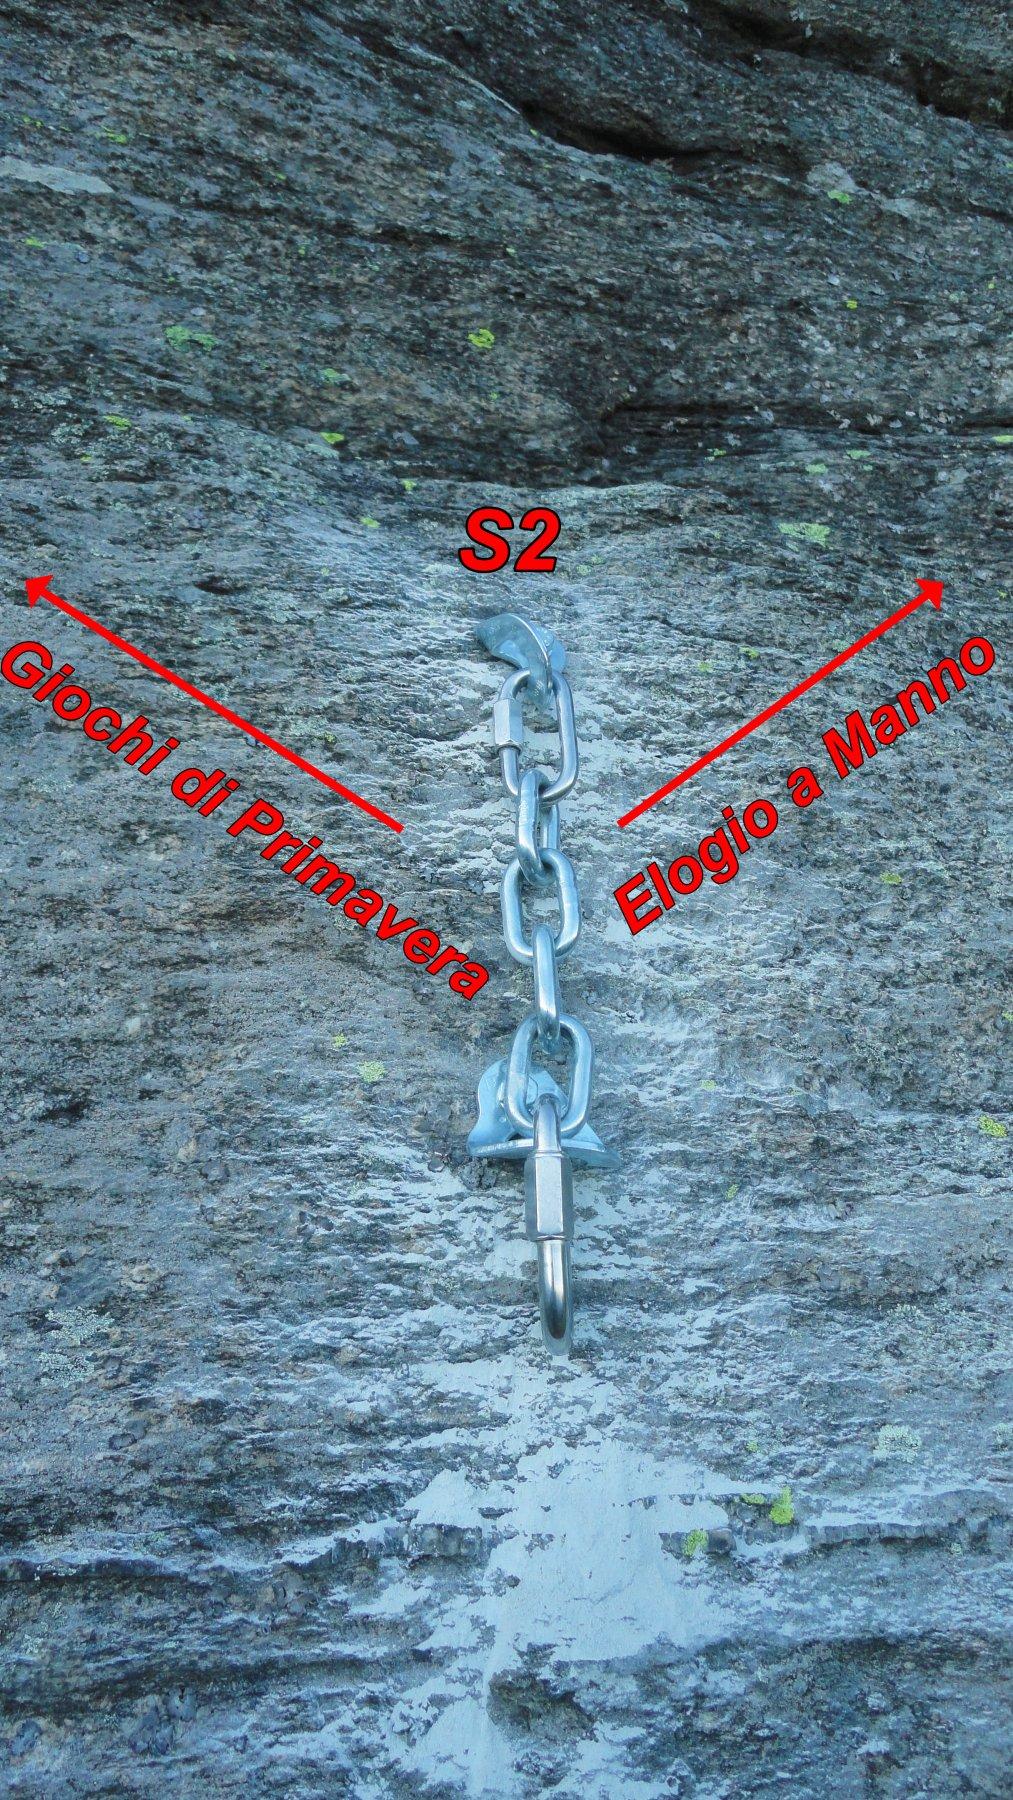 La via termina in S2 e da li vi sono due soluzioni per raggiungere il tratto finale inedito -Genesi atto Finale-..  Sulla dx la soluzione consigliata..